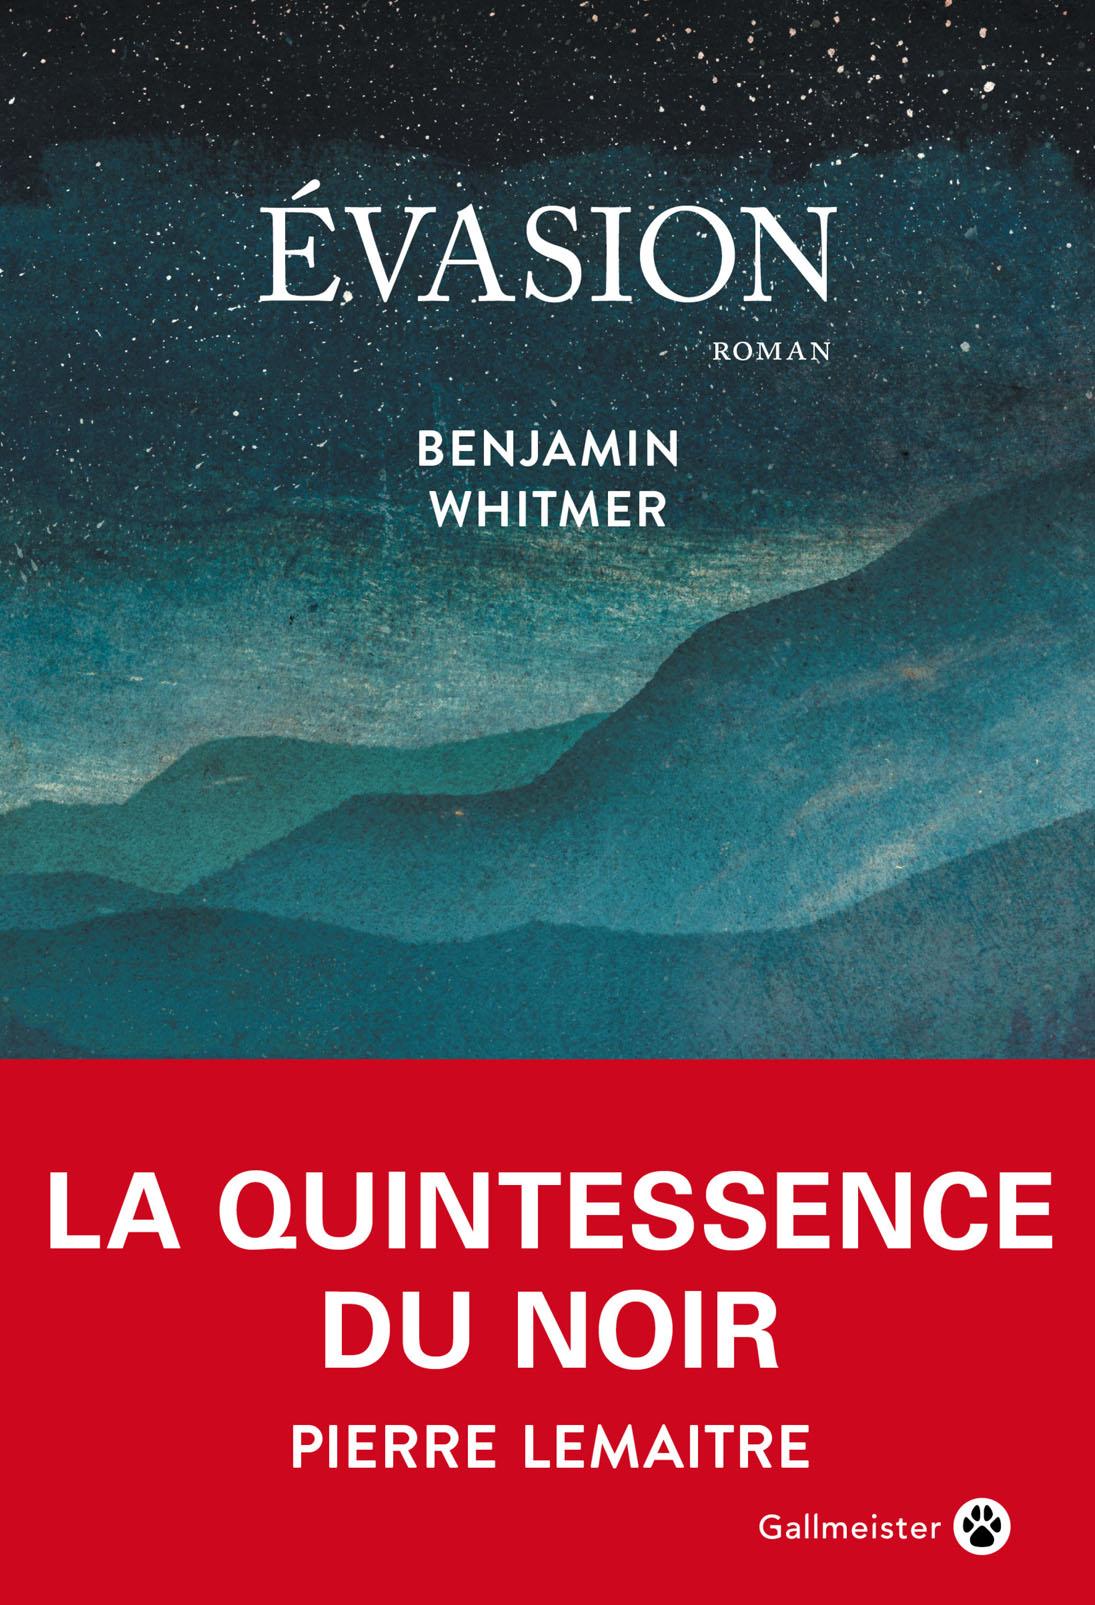 Evasion |